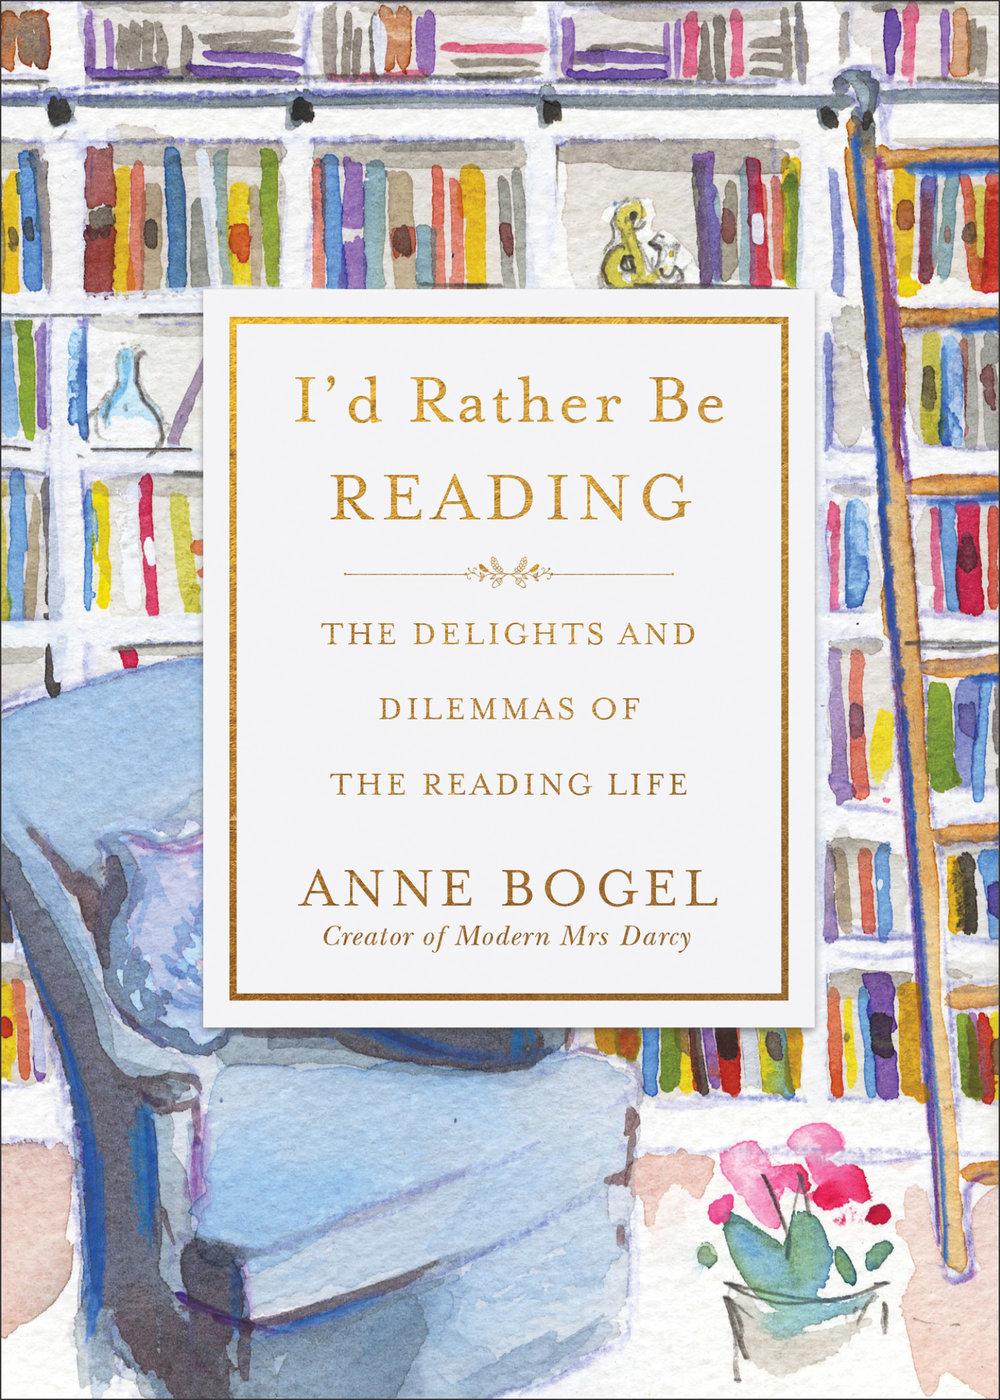 i'd rather be reading - BAKER.jpg